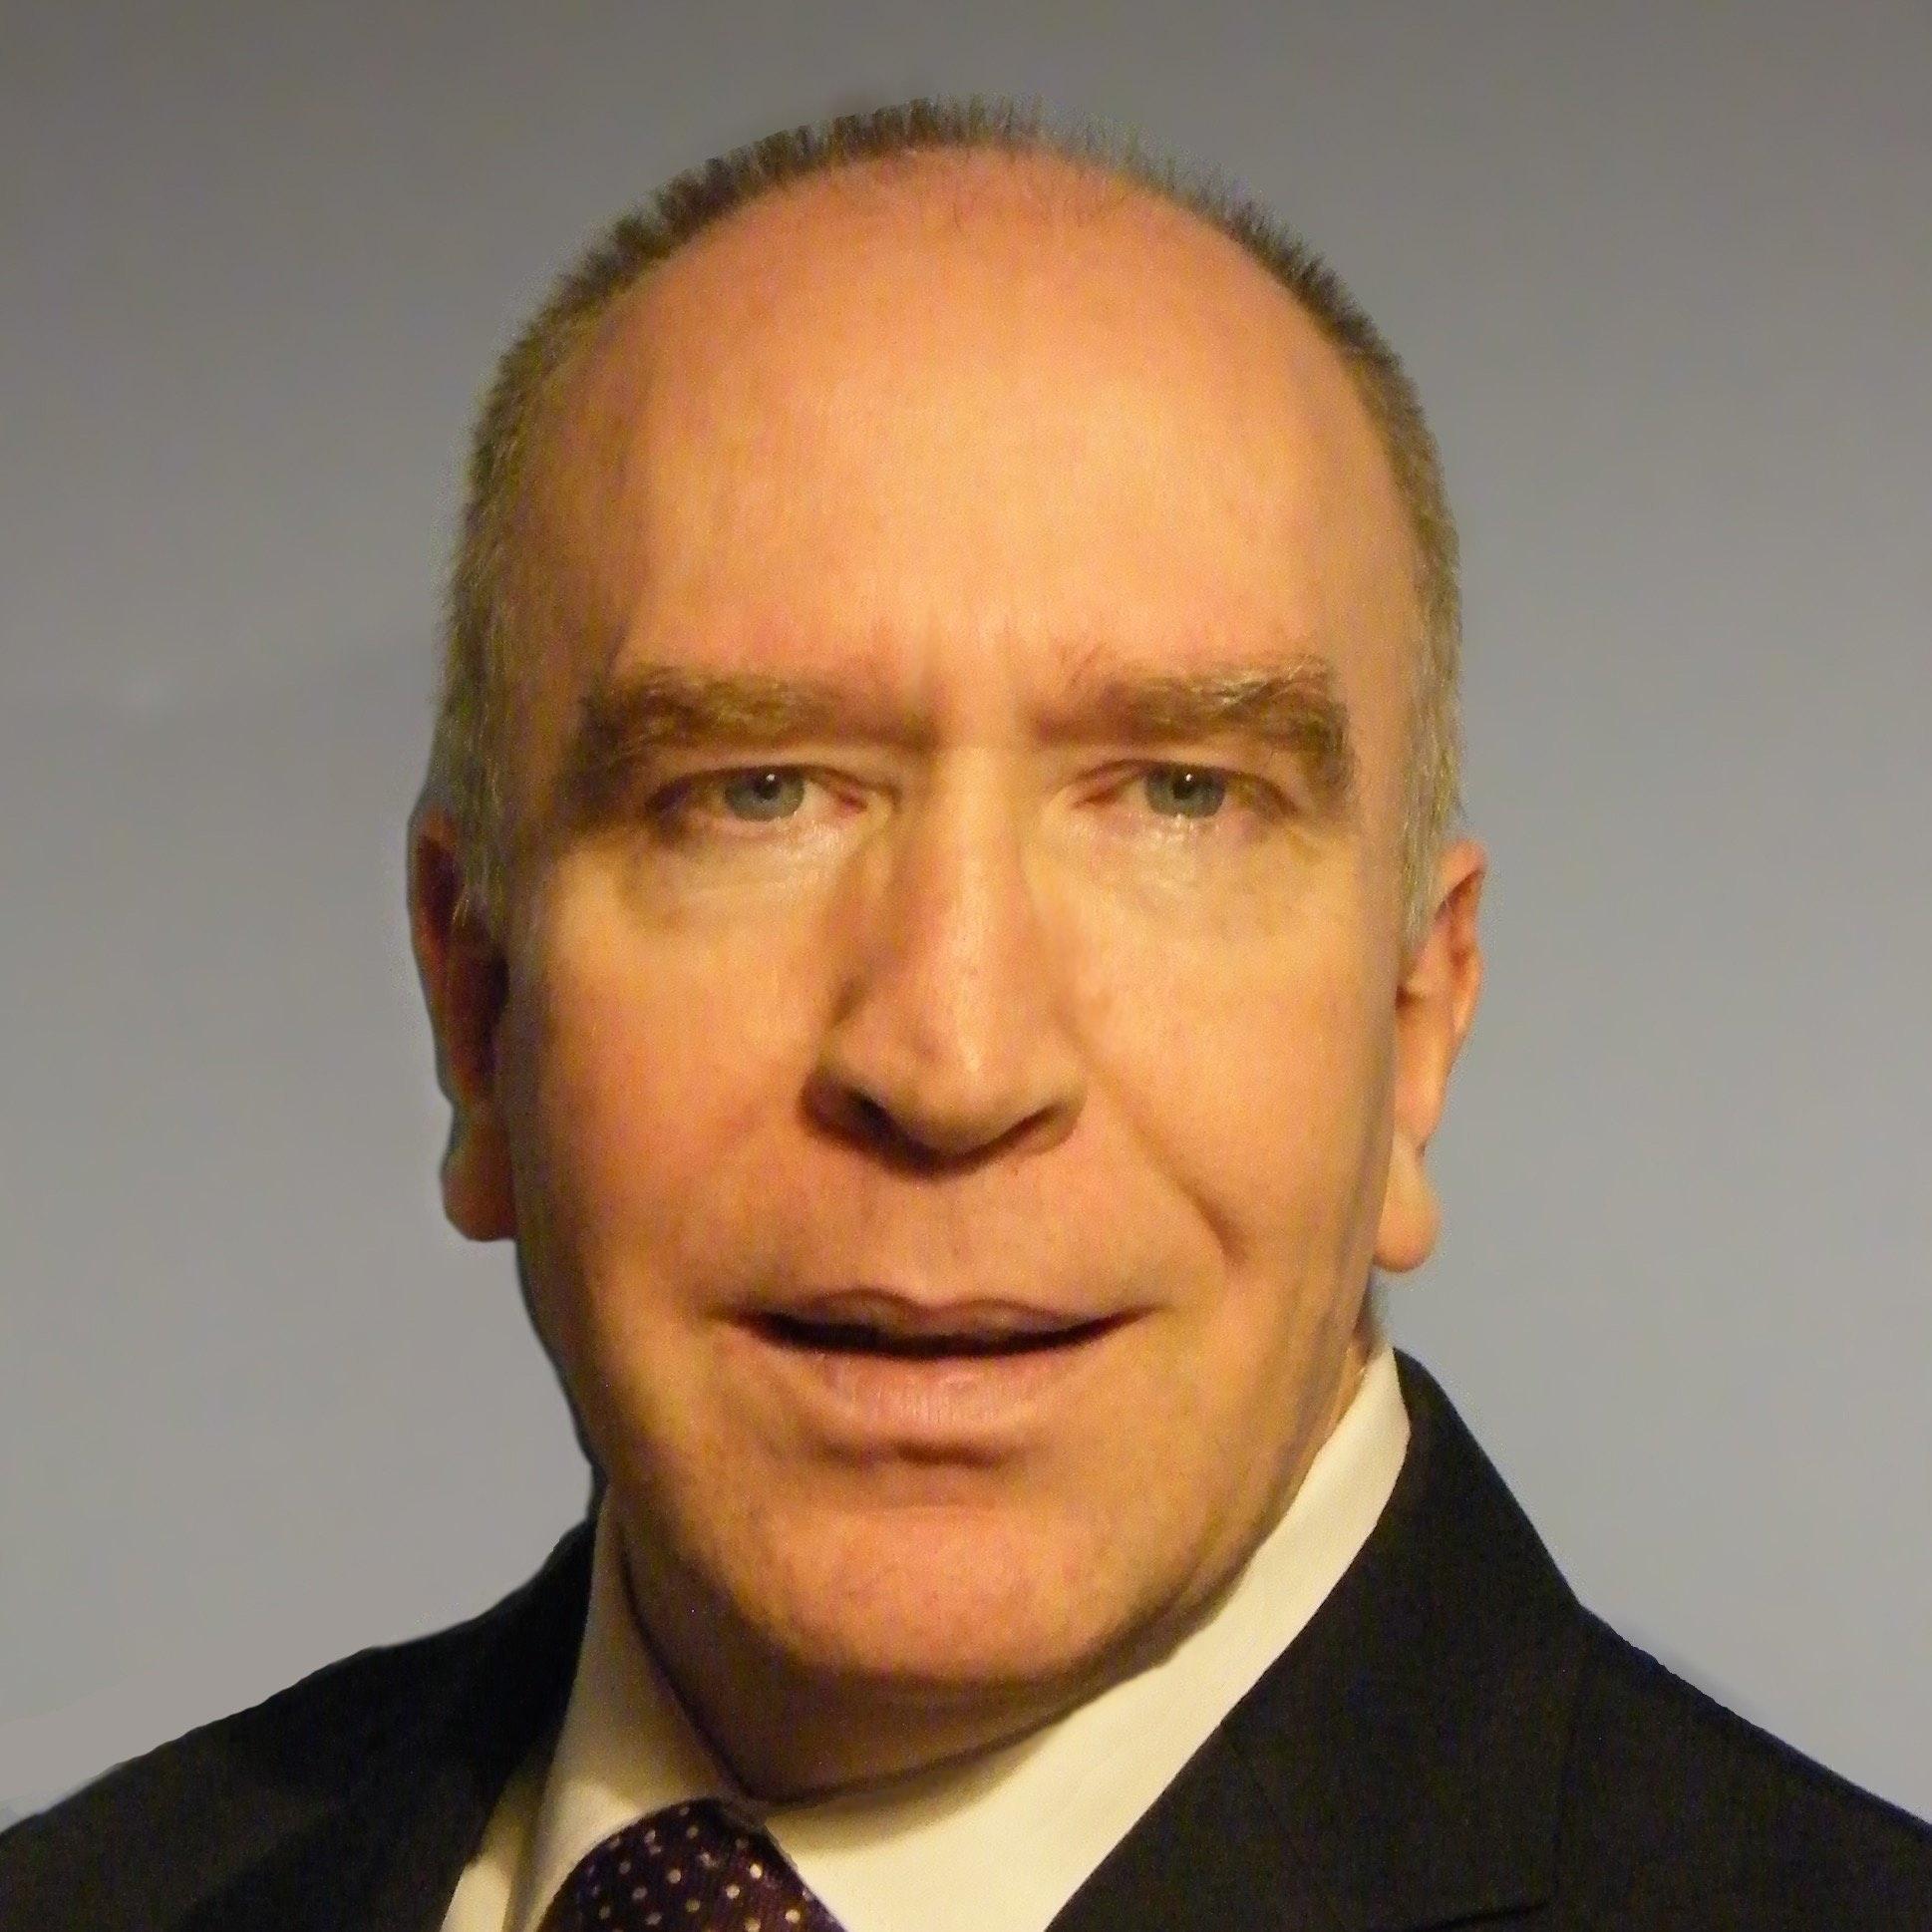 Peter Lydon